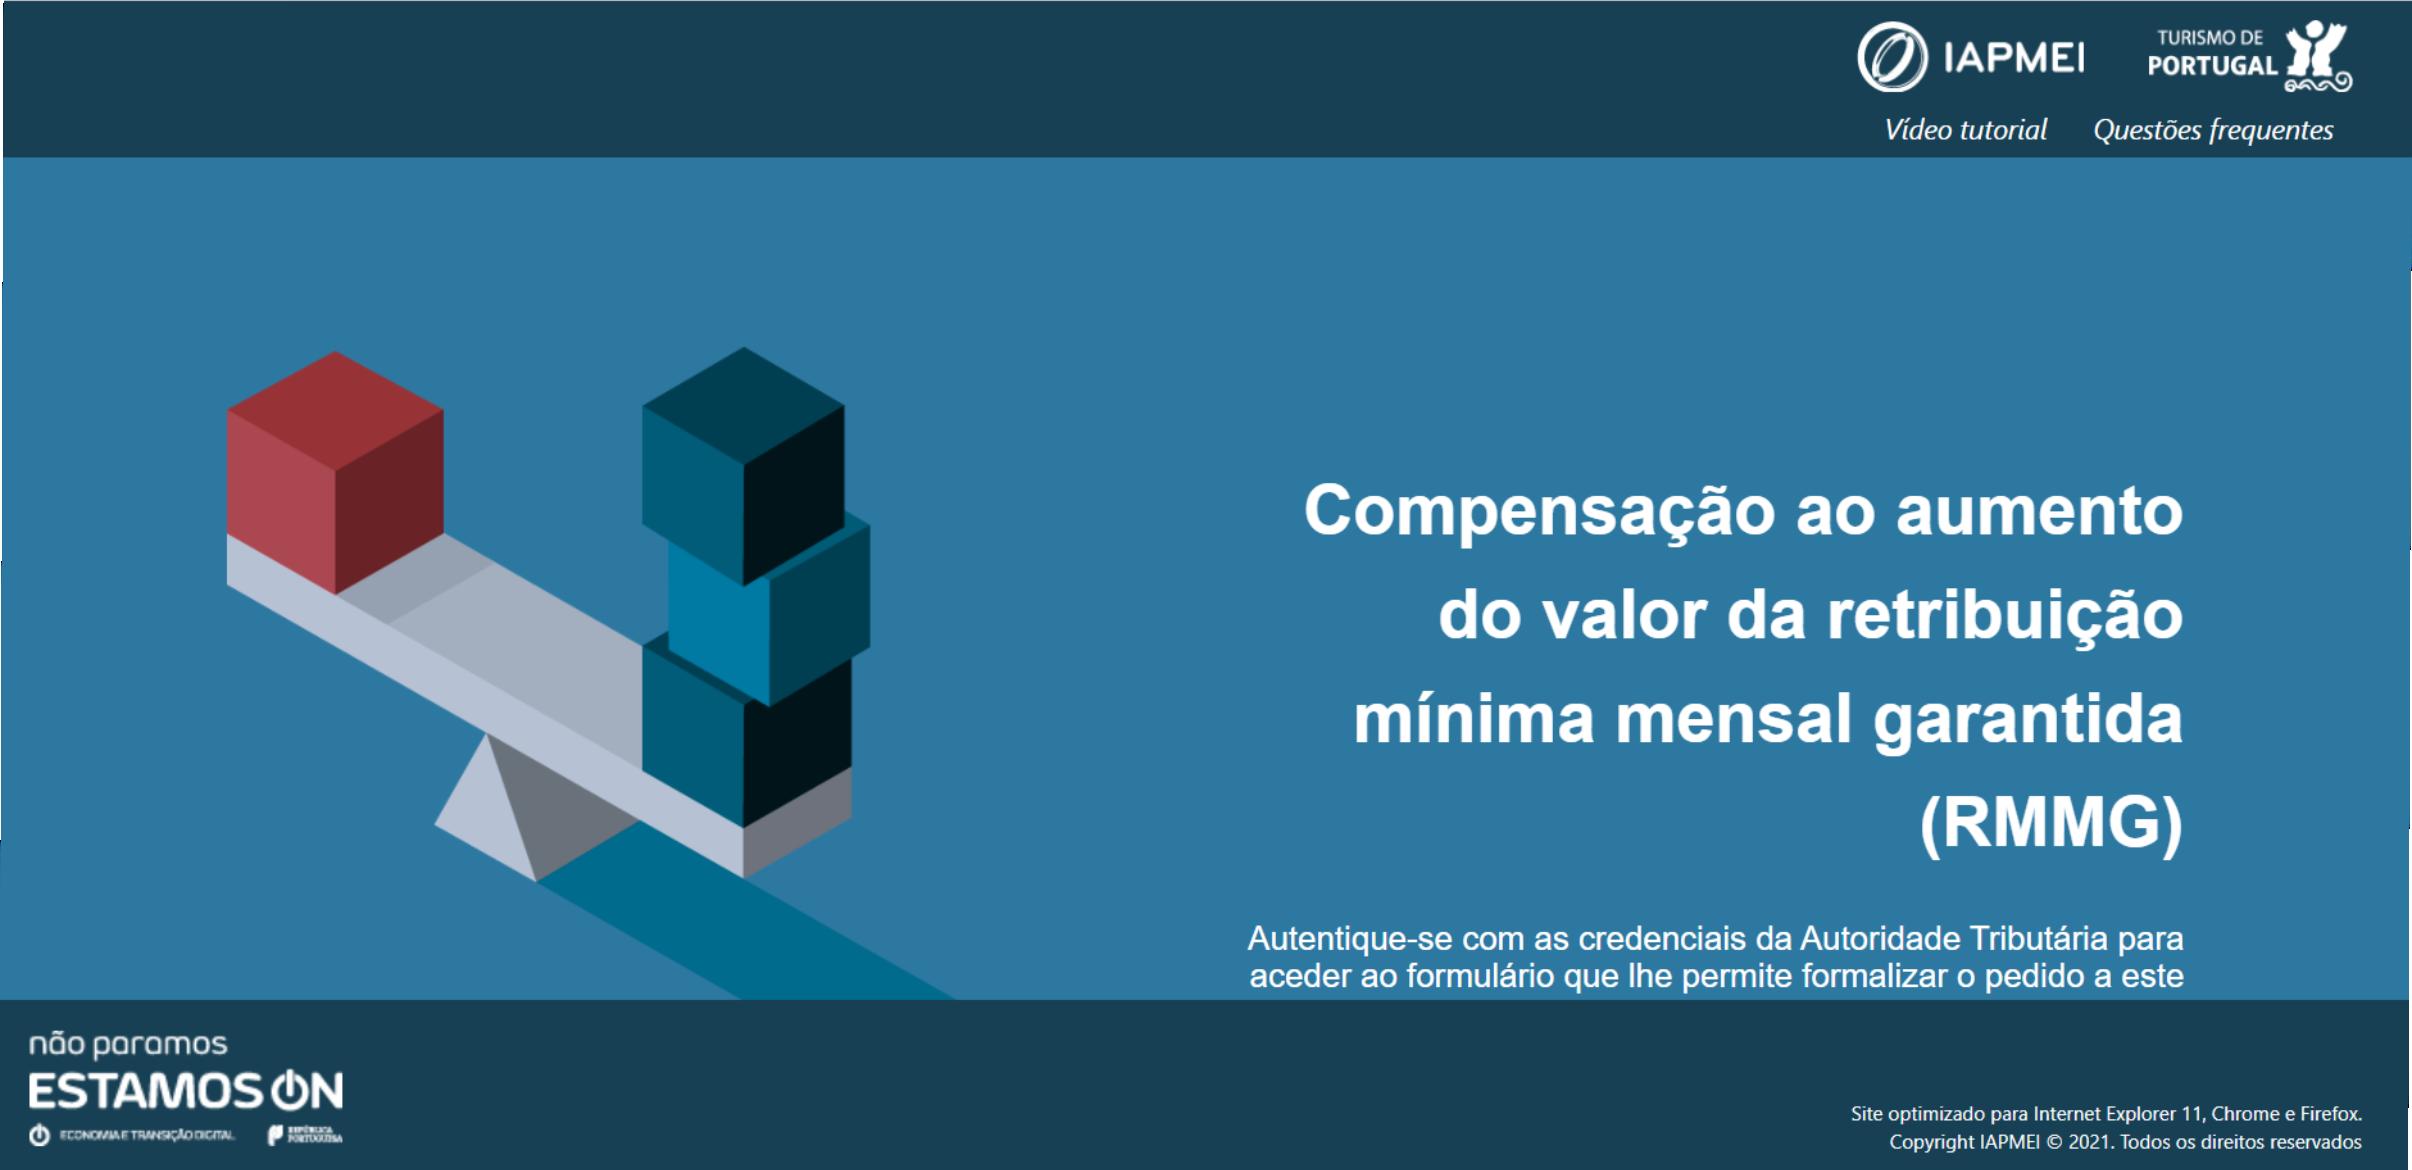 Compensação às Empresas pelo Aumento do Valor da Retribuição Mínima Mensal Garantida (RMMG)